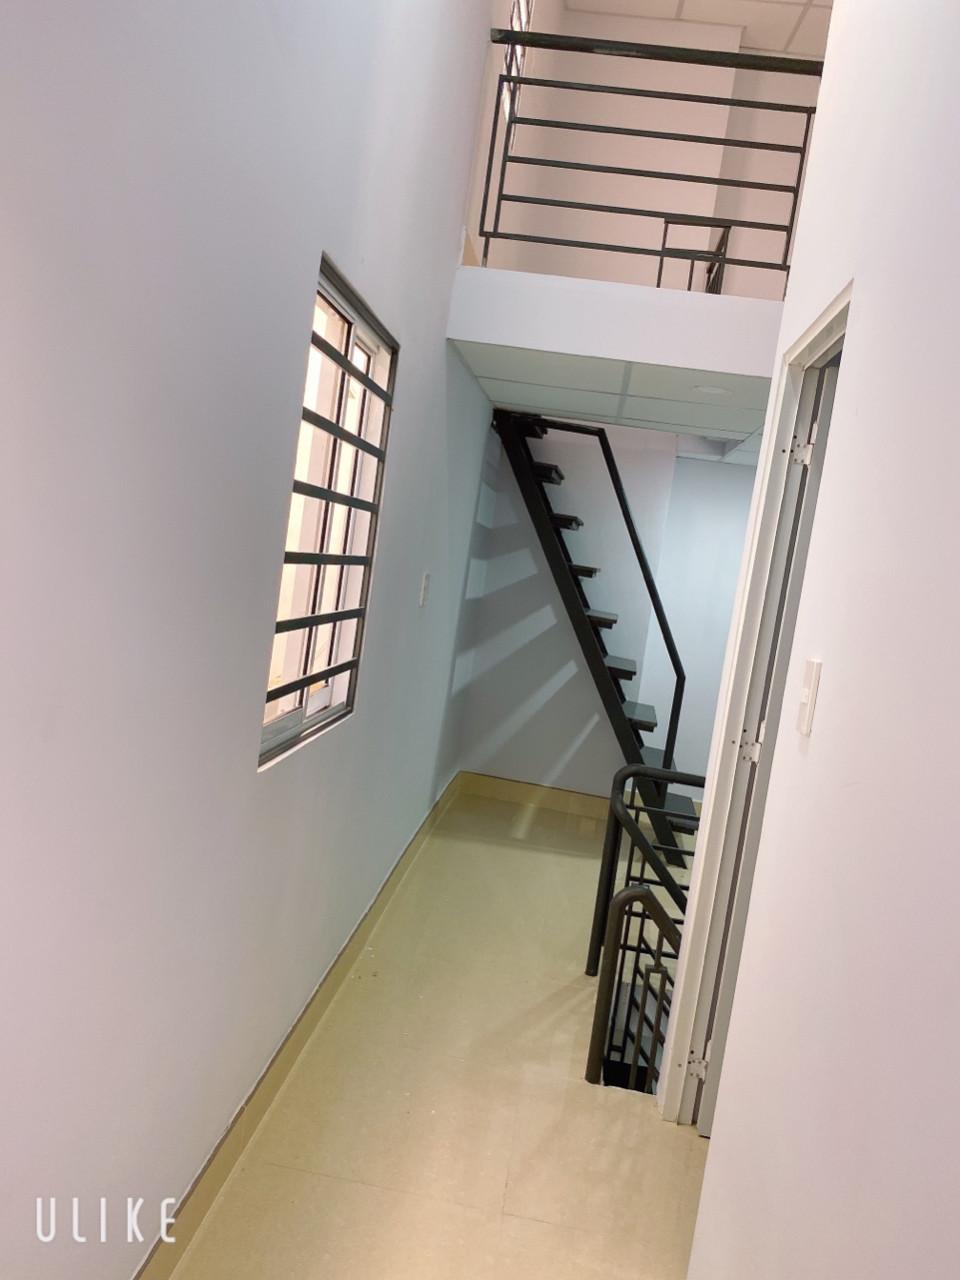 Bán nhà hẻm 724 Phạm Thế Hiển phường 4 Quận 8, cách Quận 5 chỉ 3 phút